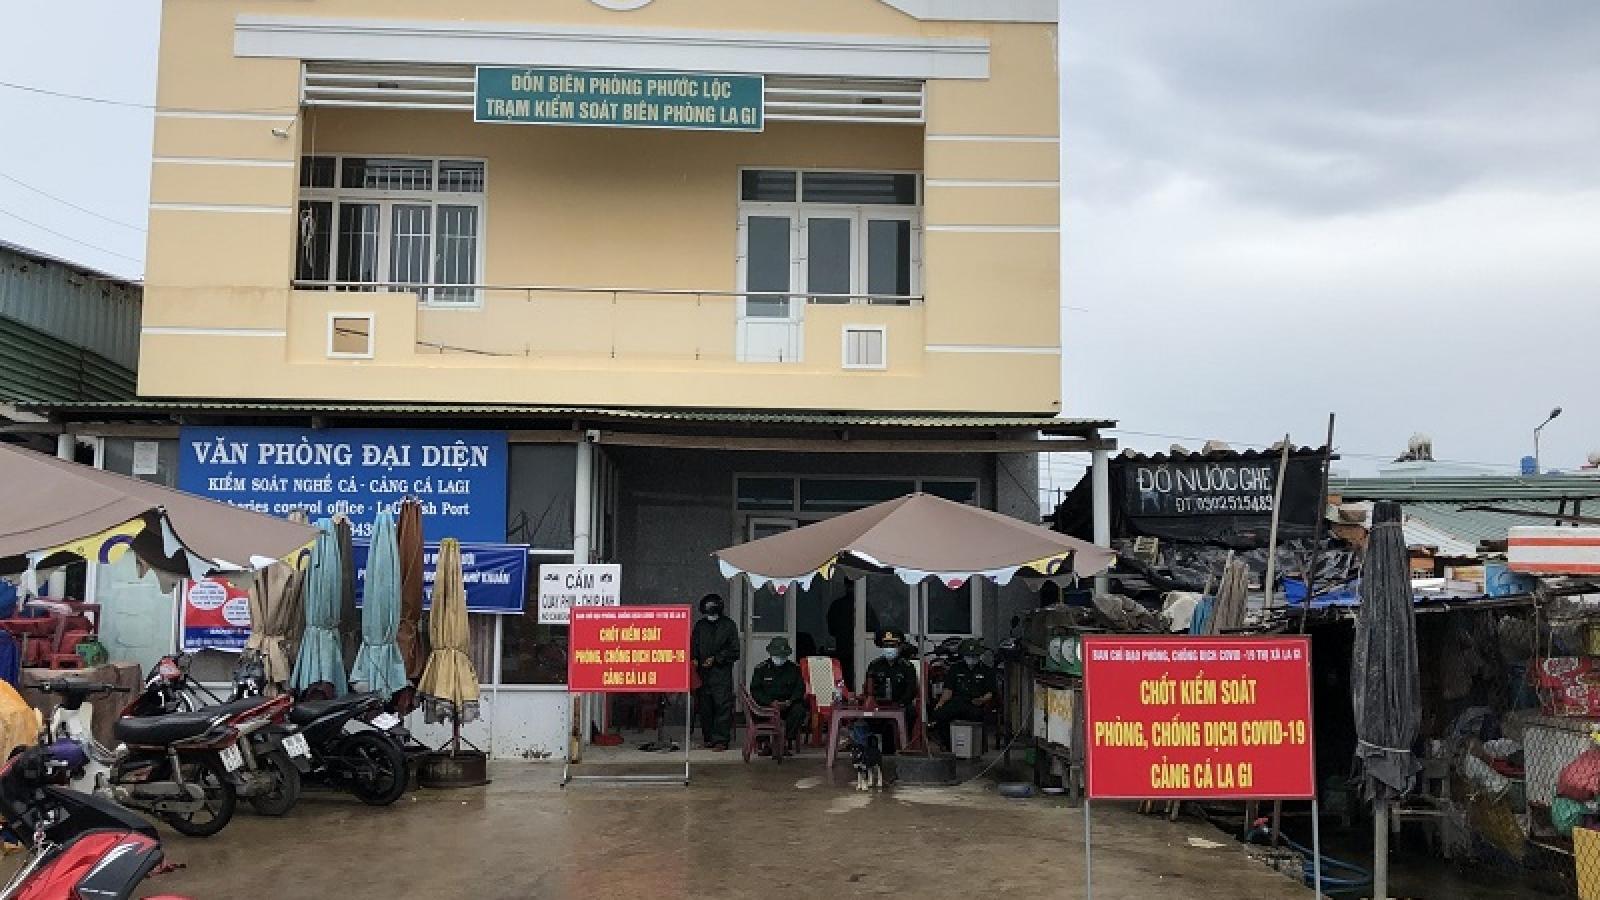 Bình Thuận tạm dừng hoạt động Cảng cá La Gi